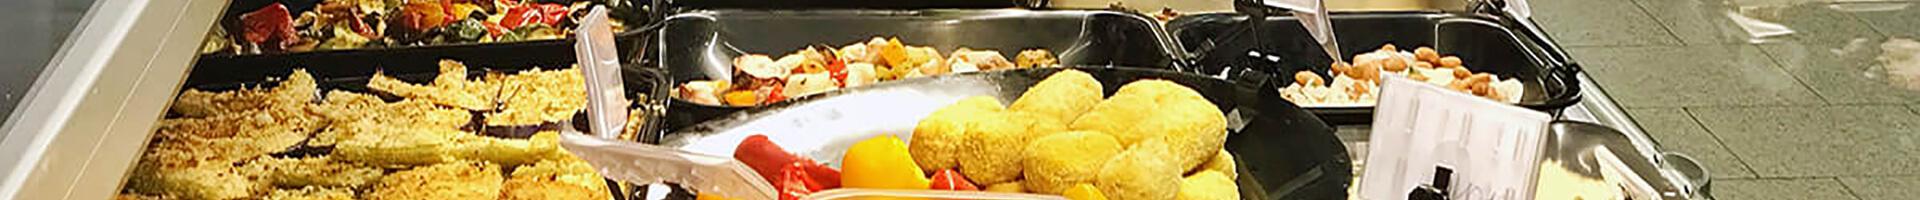 Reparti Borgonovo Mercato Alimentare